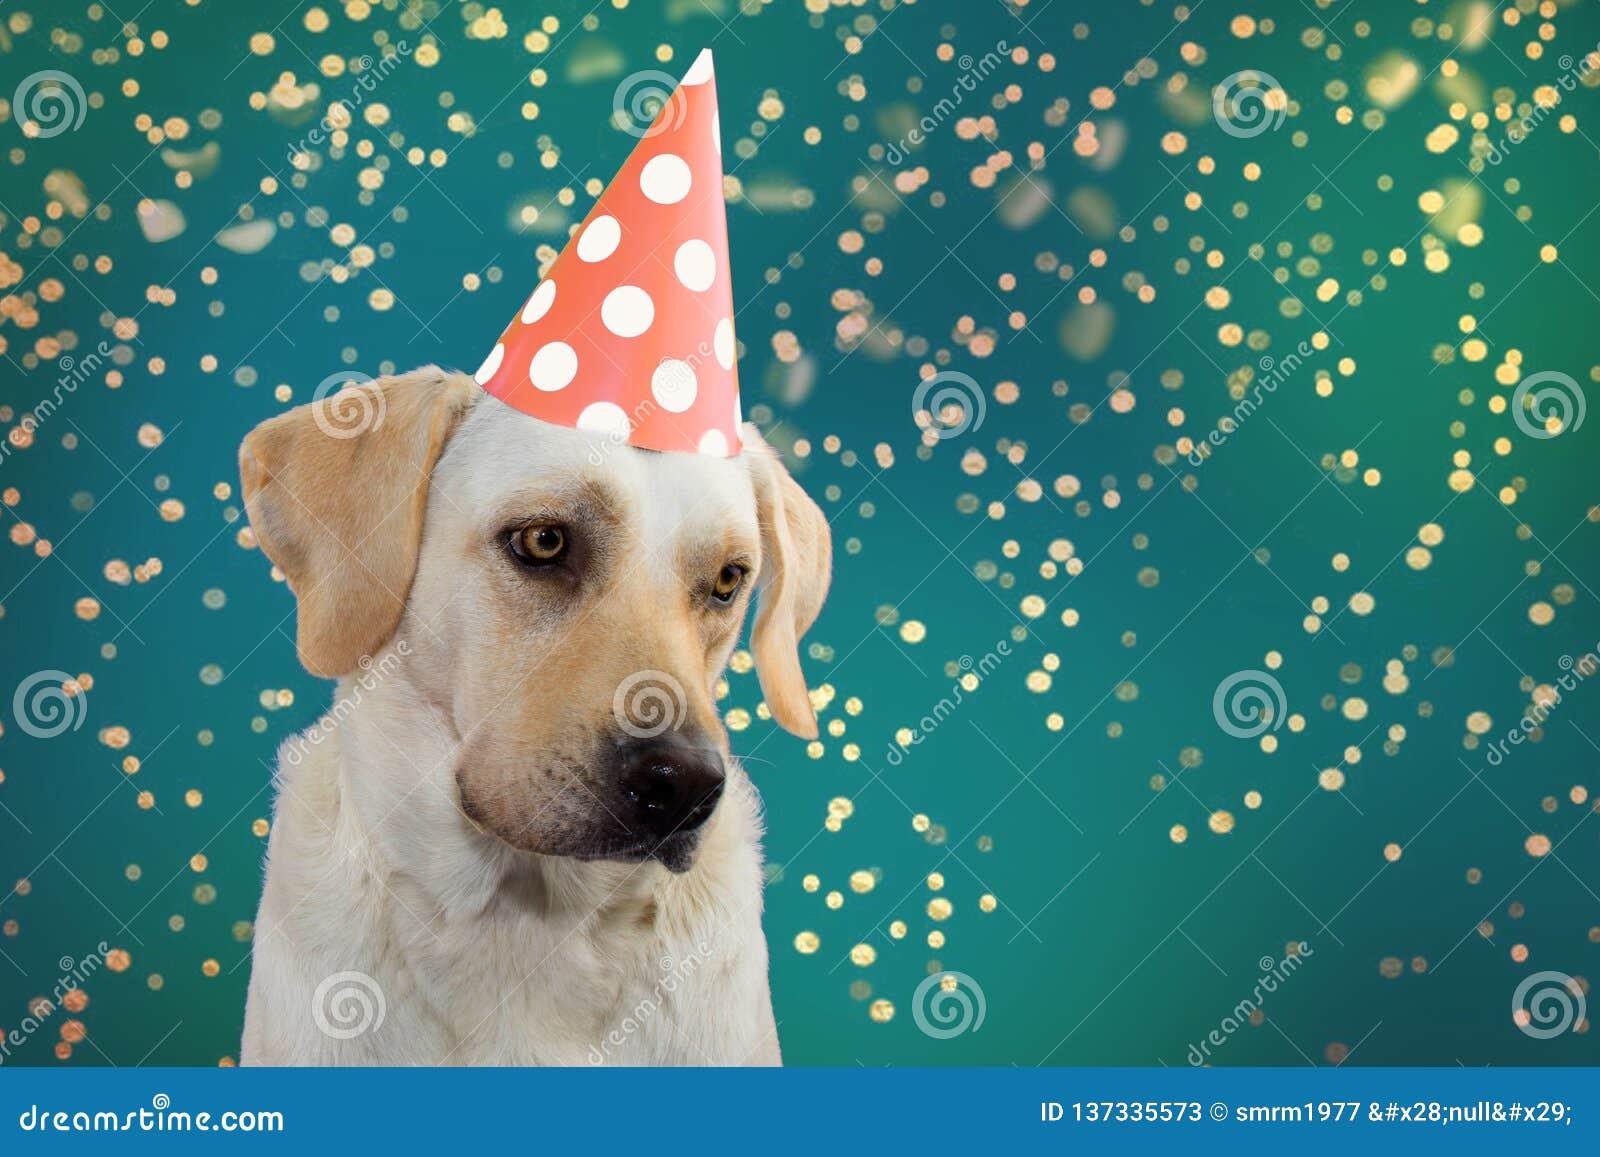 SMUTNY PSI urodziny, ostatki LUB nowy rok, LABRADOR JEST UBRANYM ŁOSOSIOWEGO BARWIONEGO polki kropki kapeluszu przyjęcia ODOSOBNI